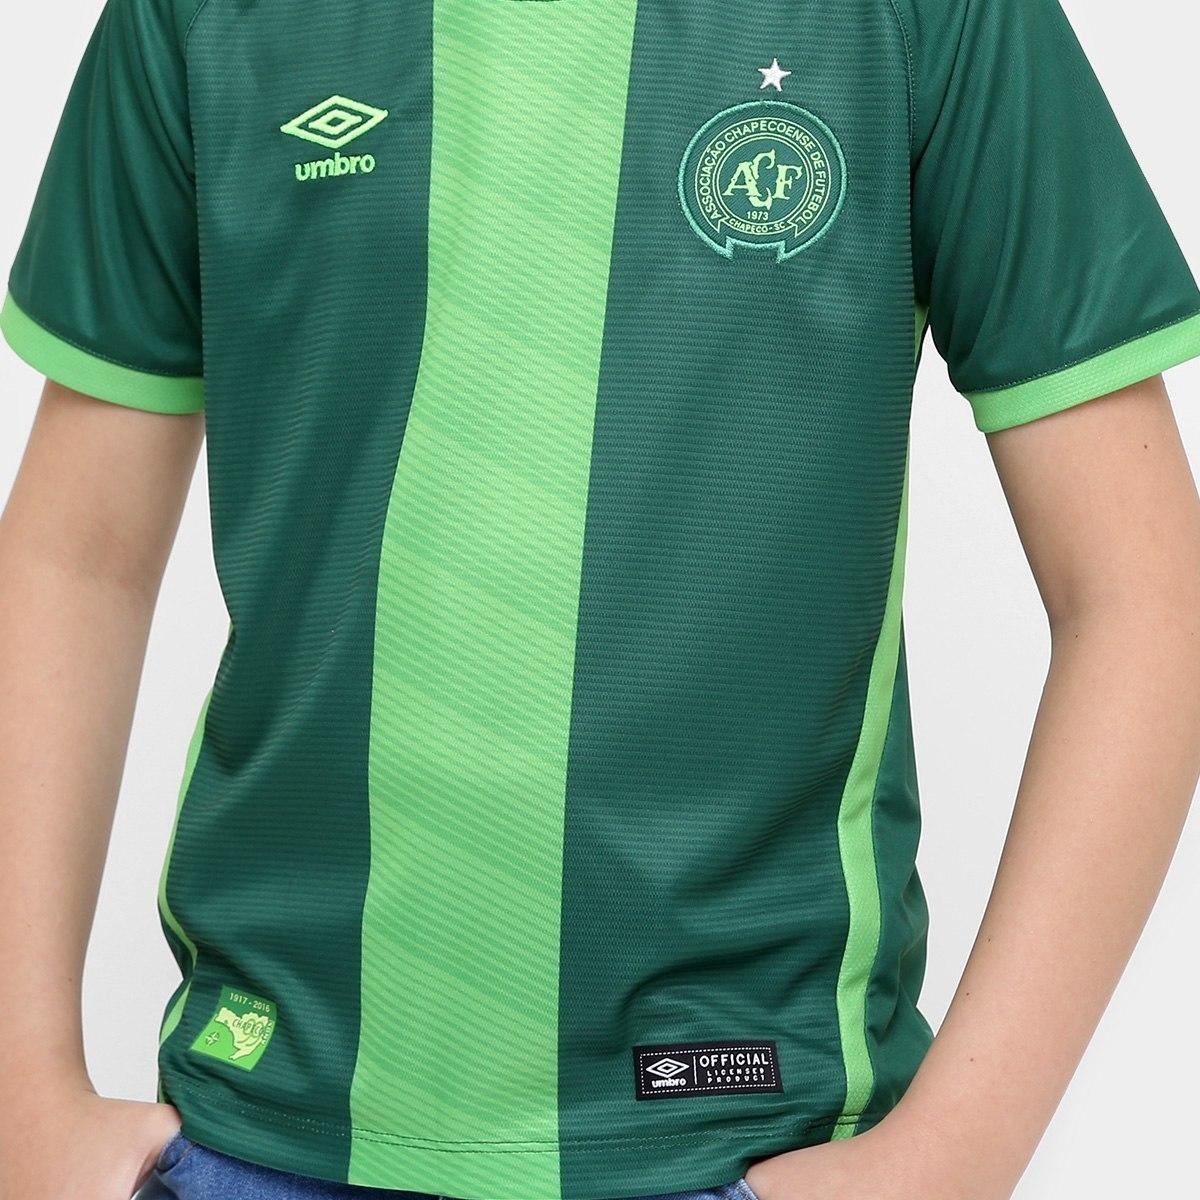 1ce280d175 Camisa Umbro Chapecoense Juvenil Iii 16/17 Torcedor - R$ 139,90 em ...